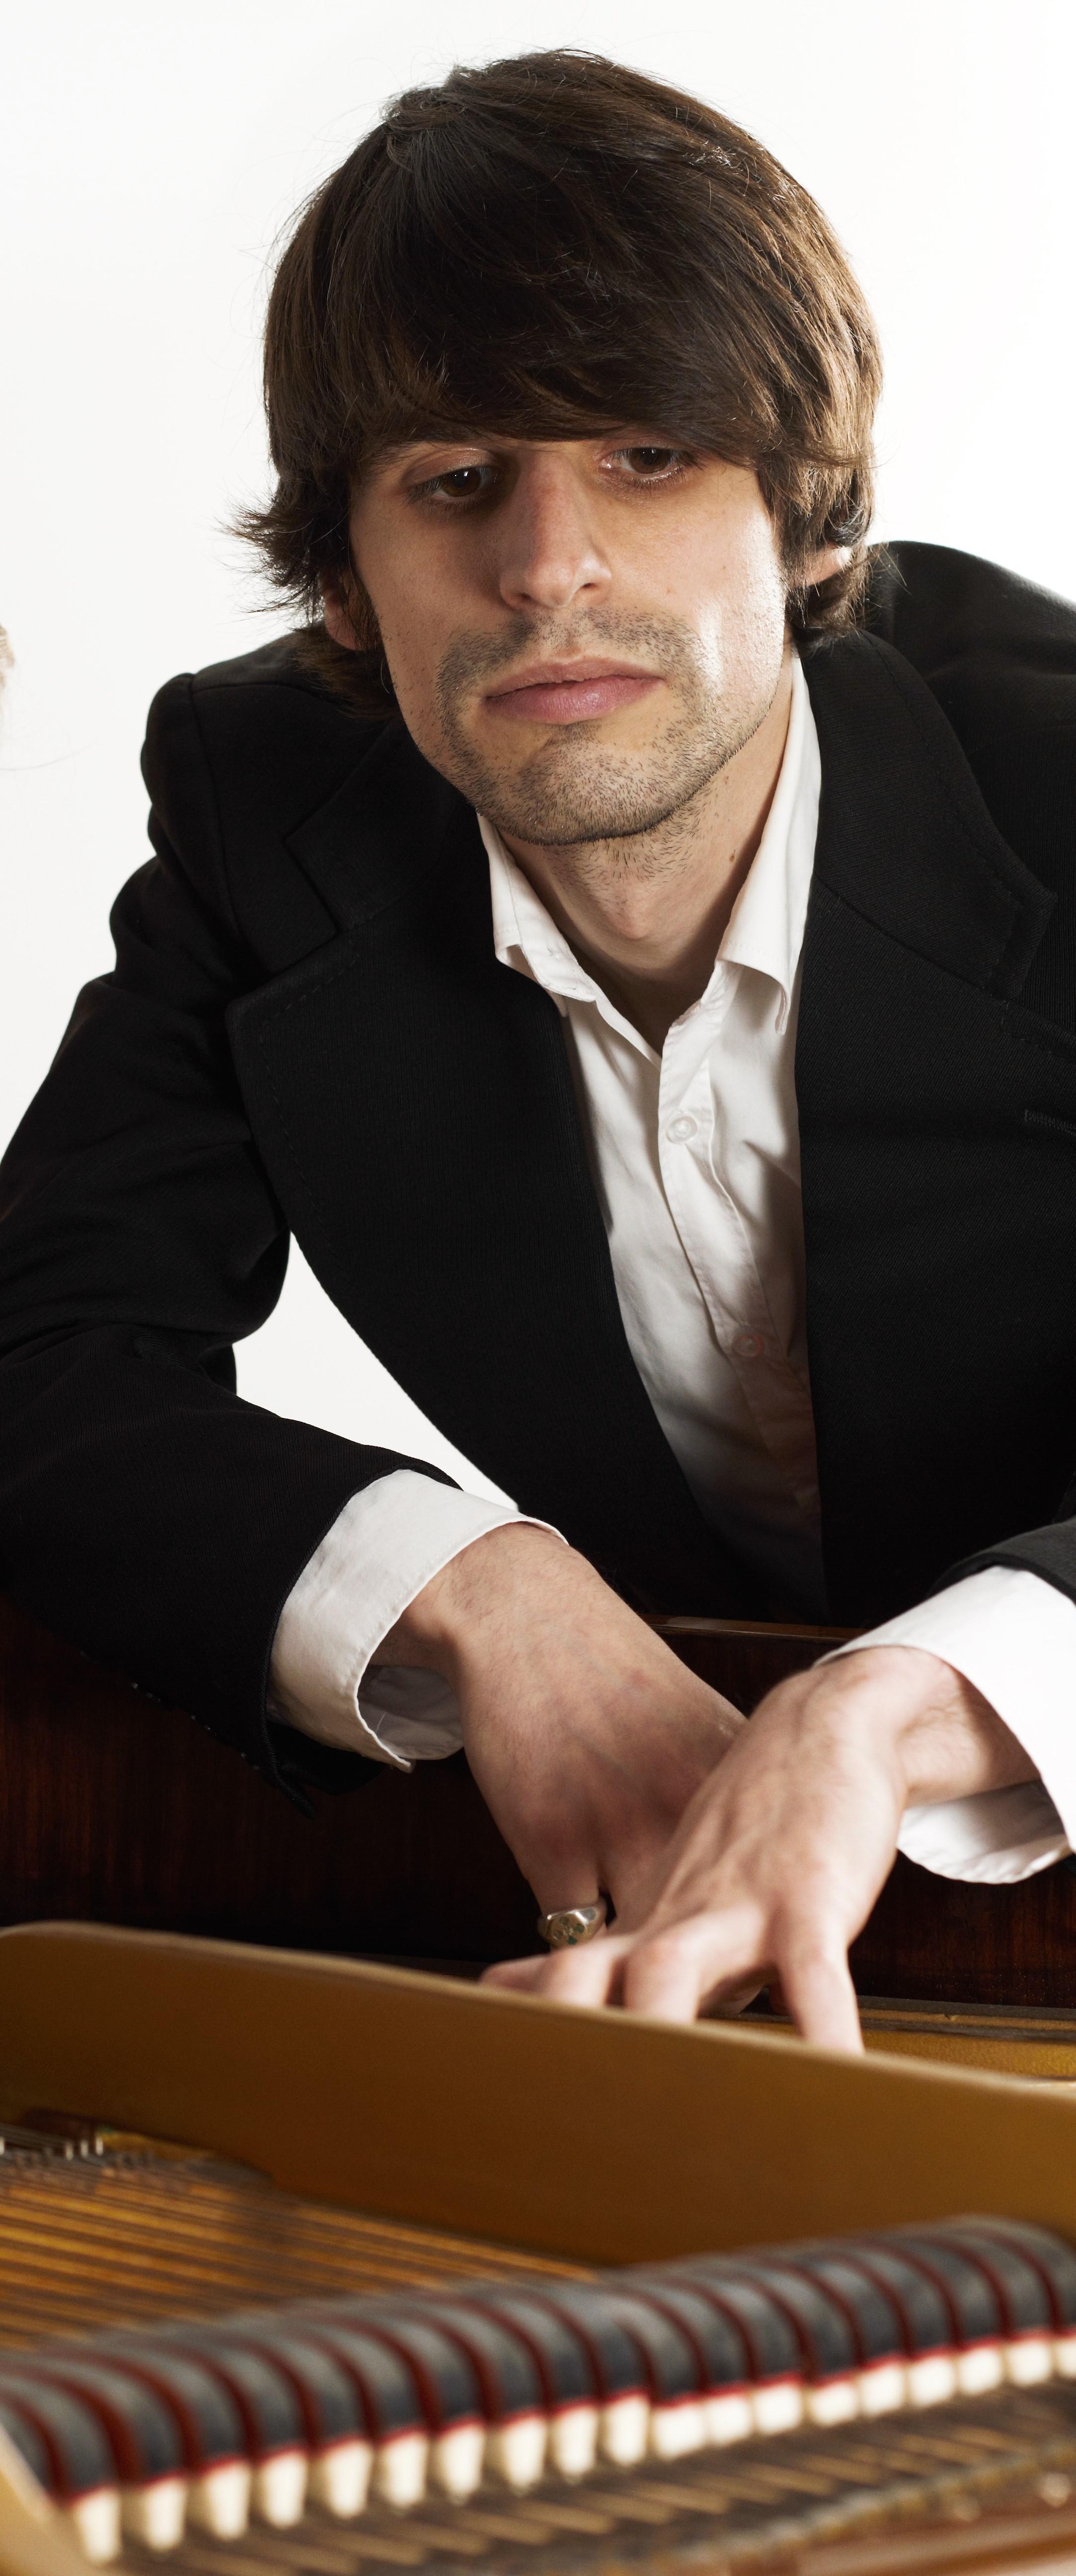 Pianist en pianoleraar Hannes Adriaens, Privéles piano, privéleraar Leuven